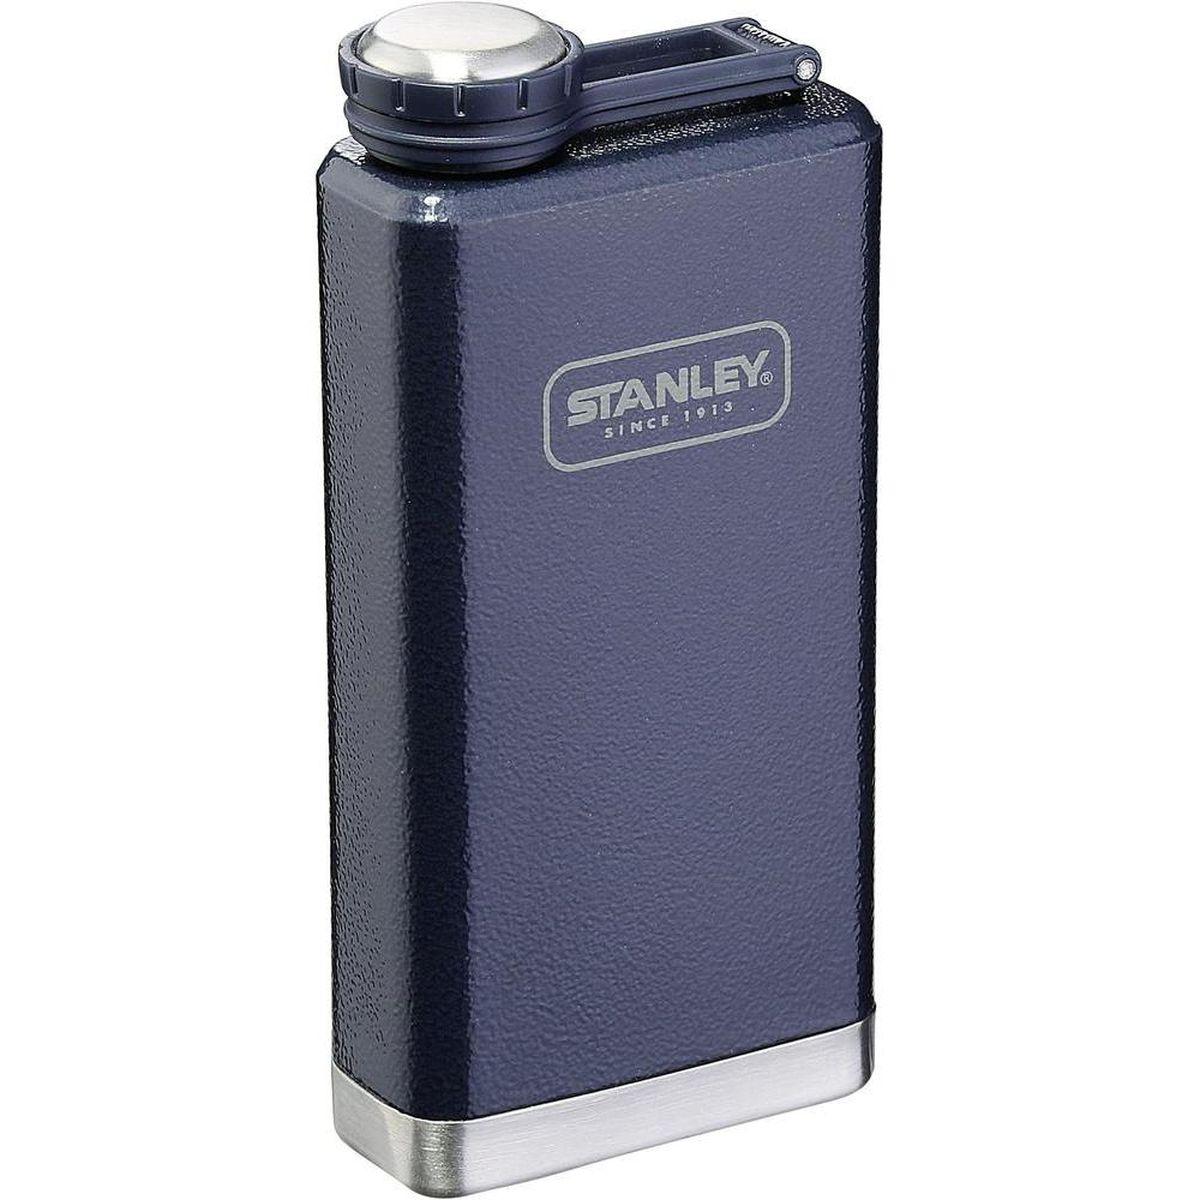 Фляга STANLEY Adventure, цвет: темно-синий, 230 мл10-01564-018Карманная фляга STANLEY Adventure выполнена из нержавеющей стали, наружное покрытие - абразивостойкая эмаль. Она очень компакта и полностью герметична.Объем: 230 мл.